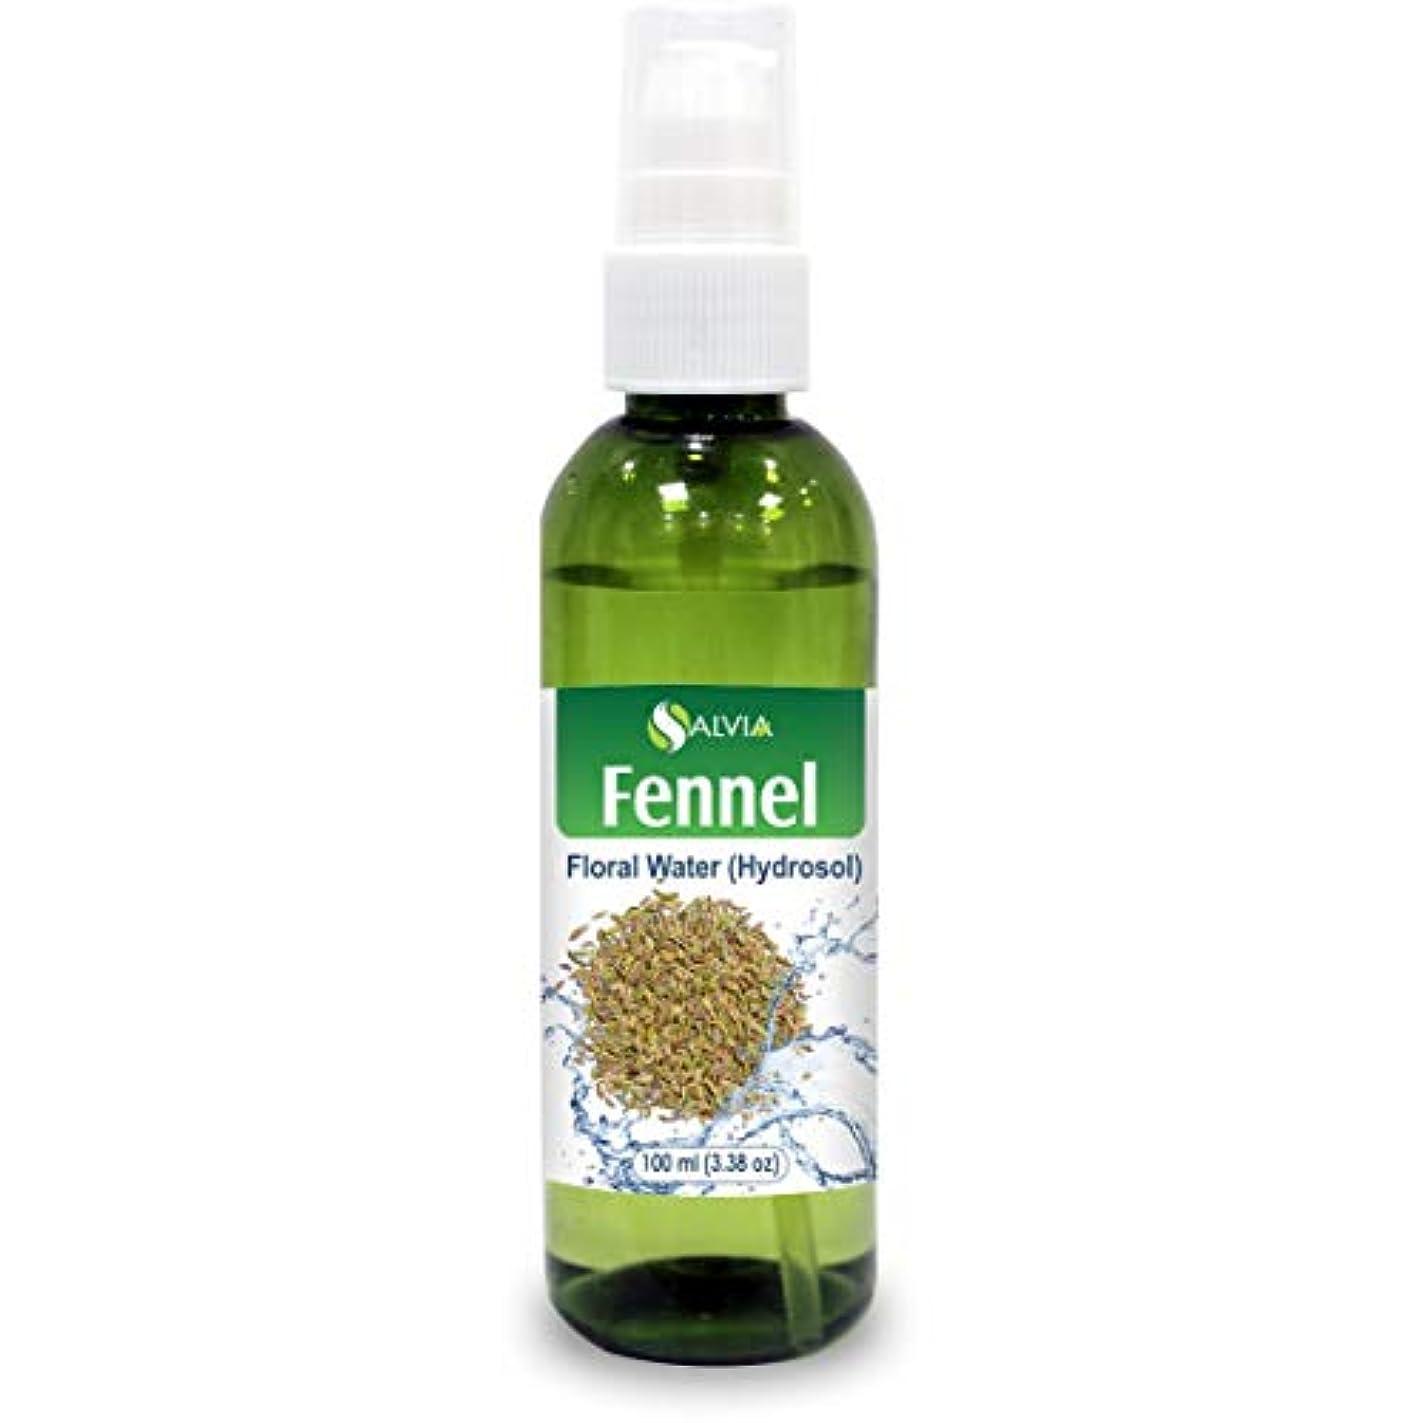 飼い慣らすアウターパッドFennel Floral Water 100ml (Hydrosol) 100% Pure And Natural